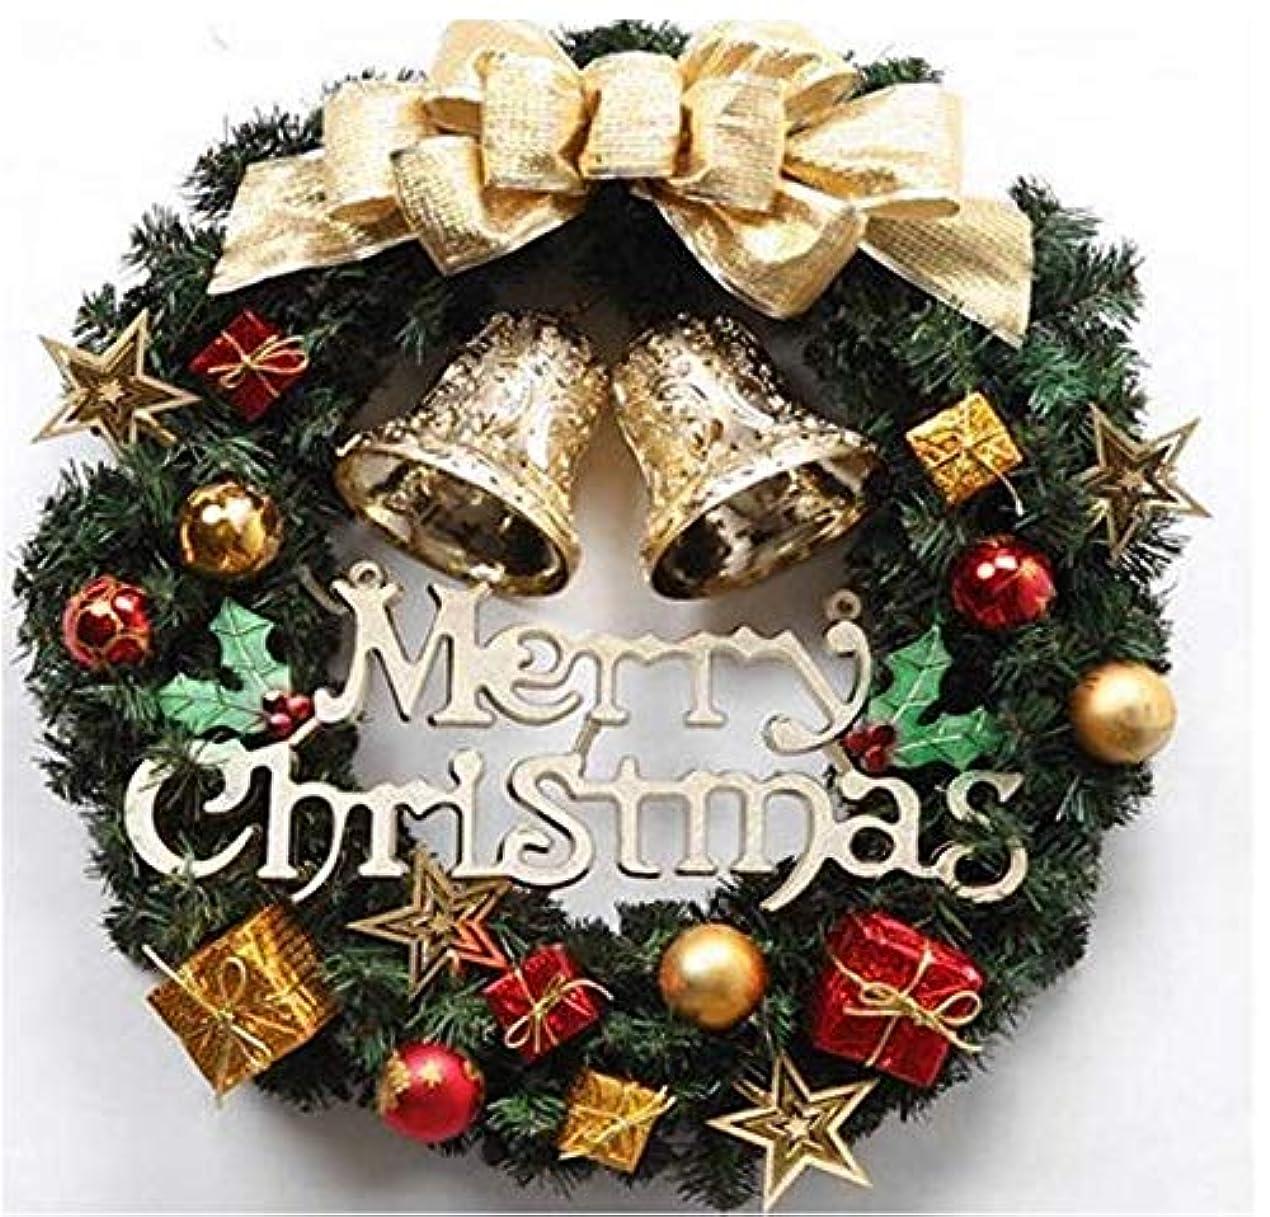 青三角乱用Pichidr クリスマス リース オーナメント クリスマス 飾り かわいい 人気 豪華 開店祝い 新築祝い 内祝い 開業祝い クリスマス 飾り インテリア 玄関 ドア 飾り アクセサリー プレゼント ギフト 贈り物 にも 花 鈴 ベル 30CM